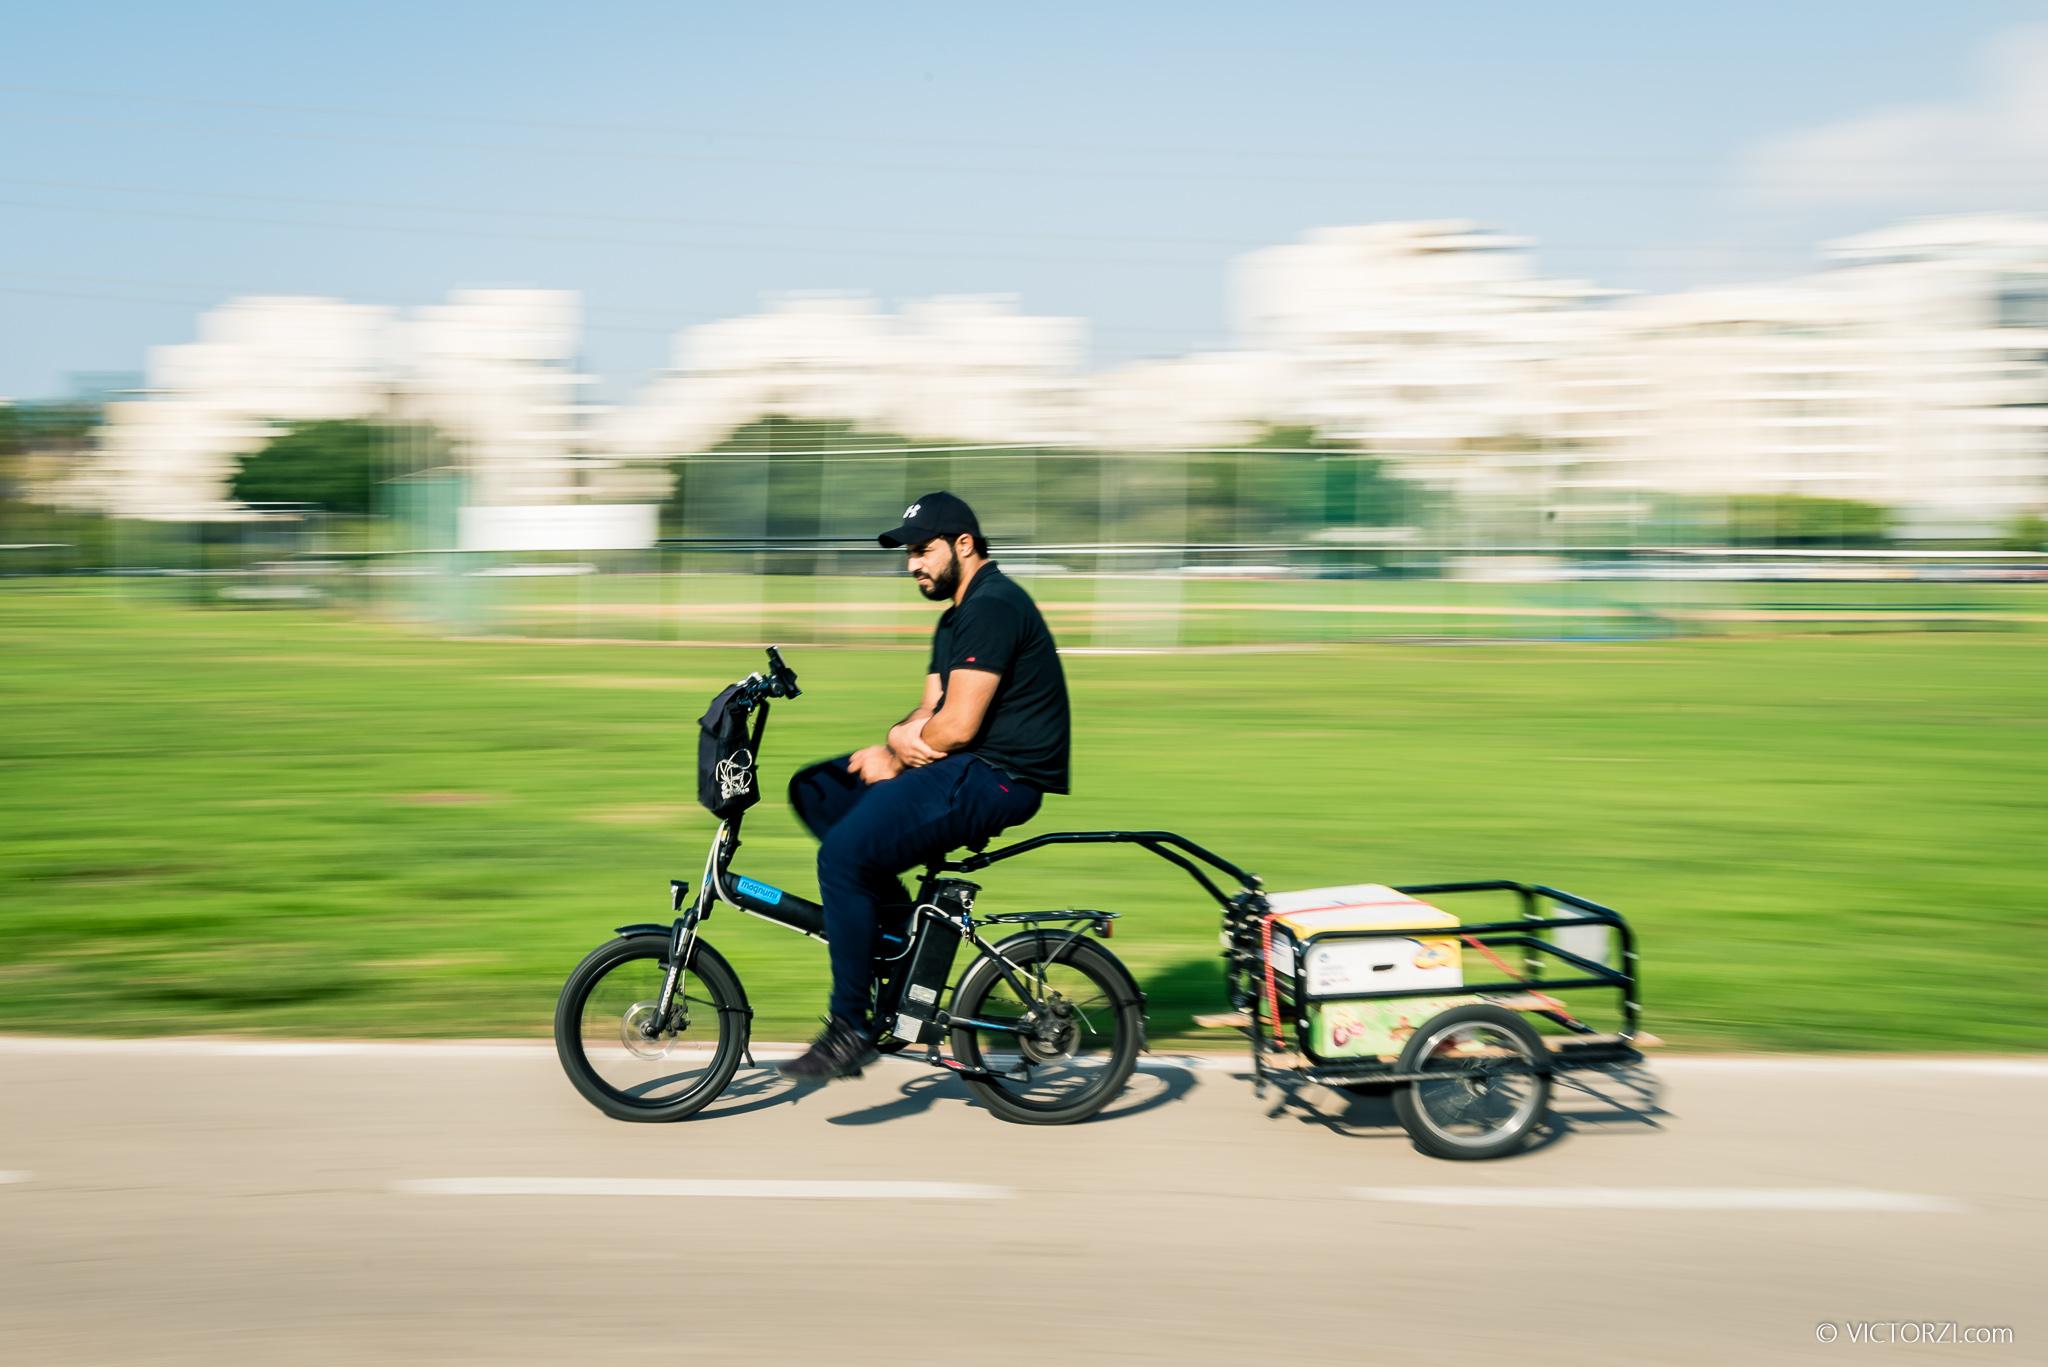 20181130 - Tel Aviv Photography Marathon